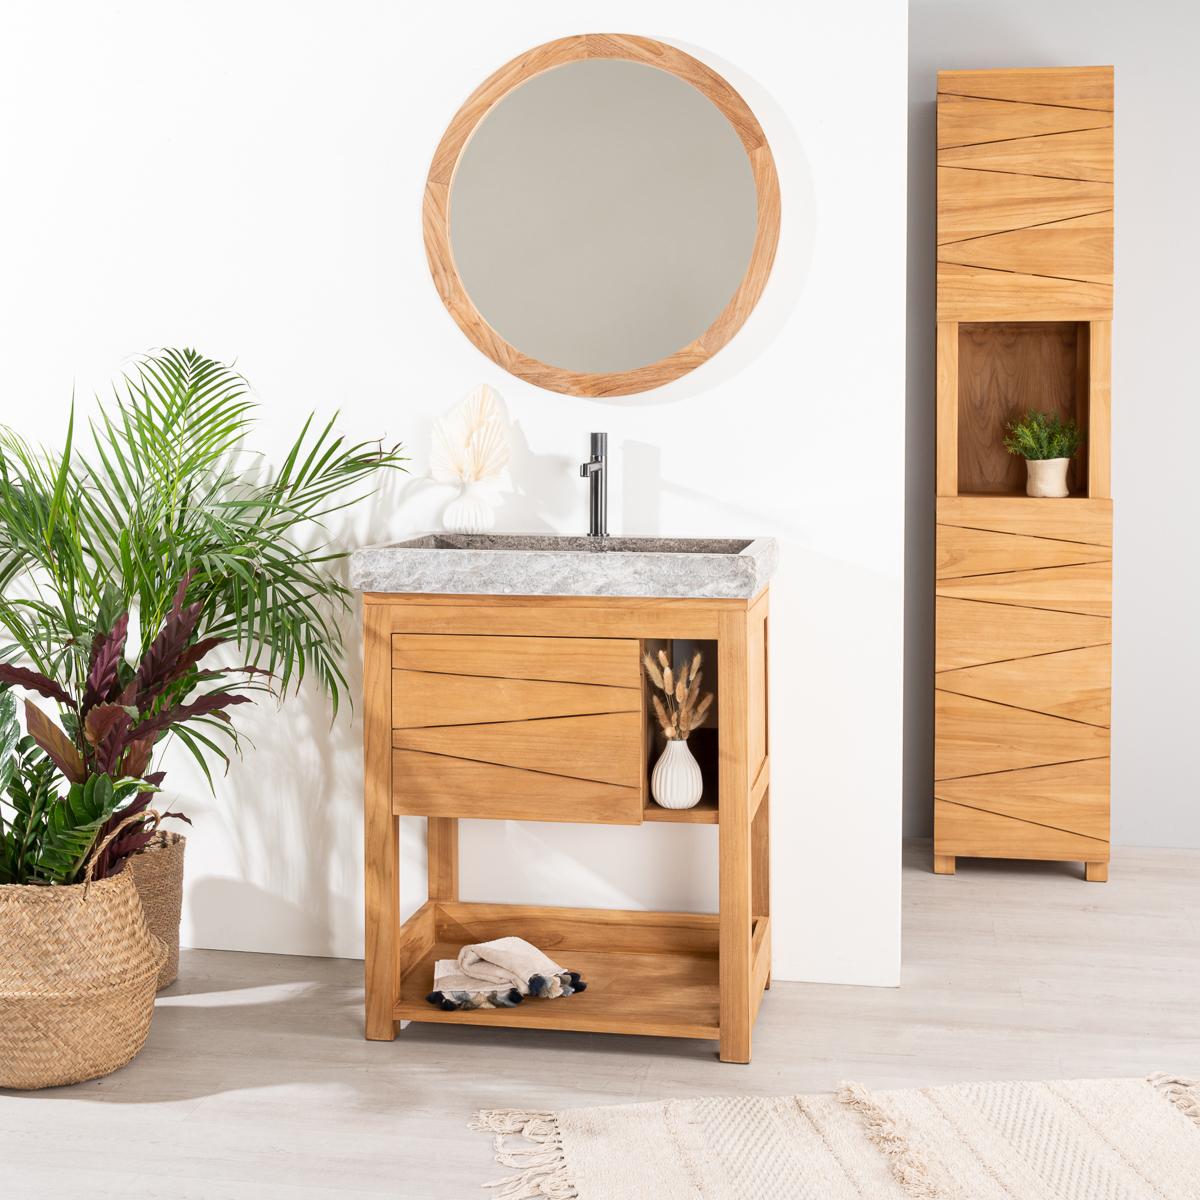 Meuble sous vasque simple vasque en bois teck massif vasque en marbre cosy naturel - Meuble vasque gris ...